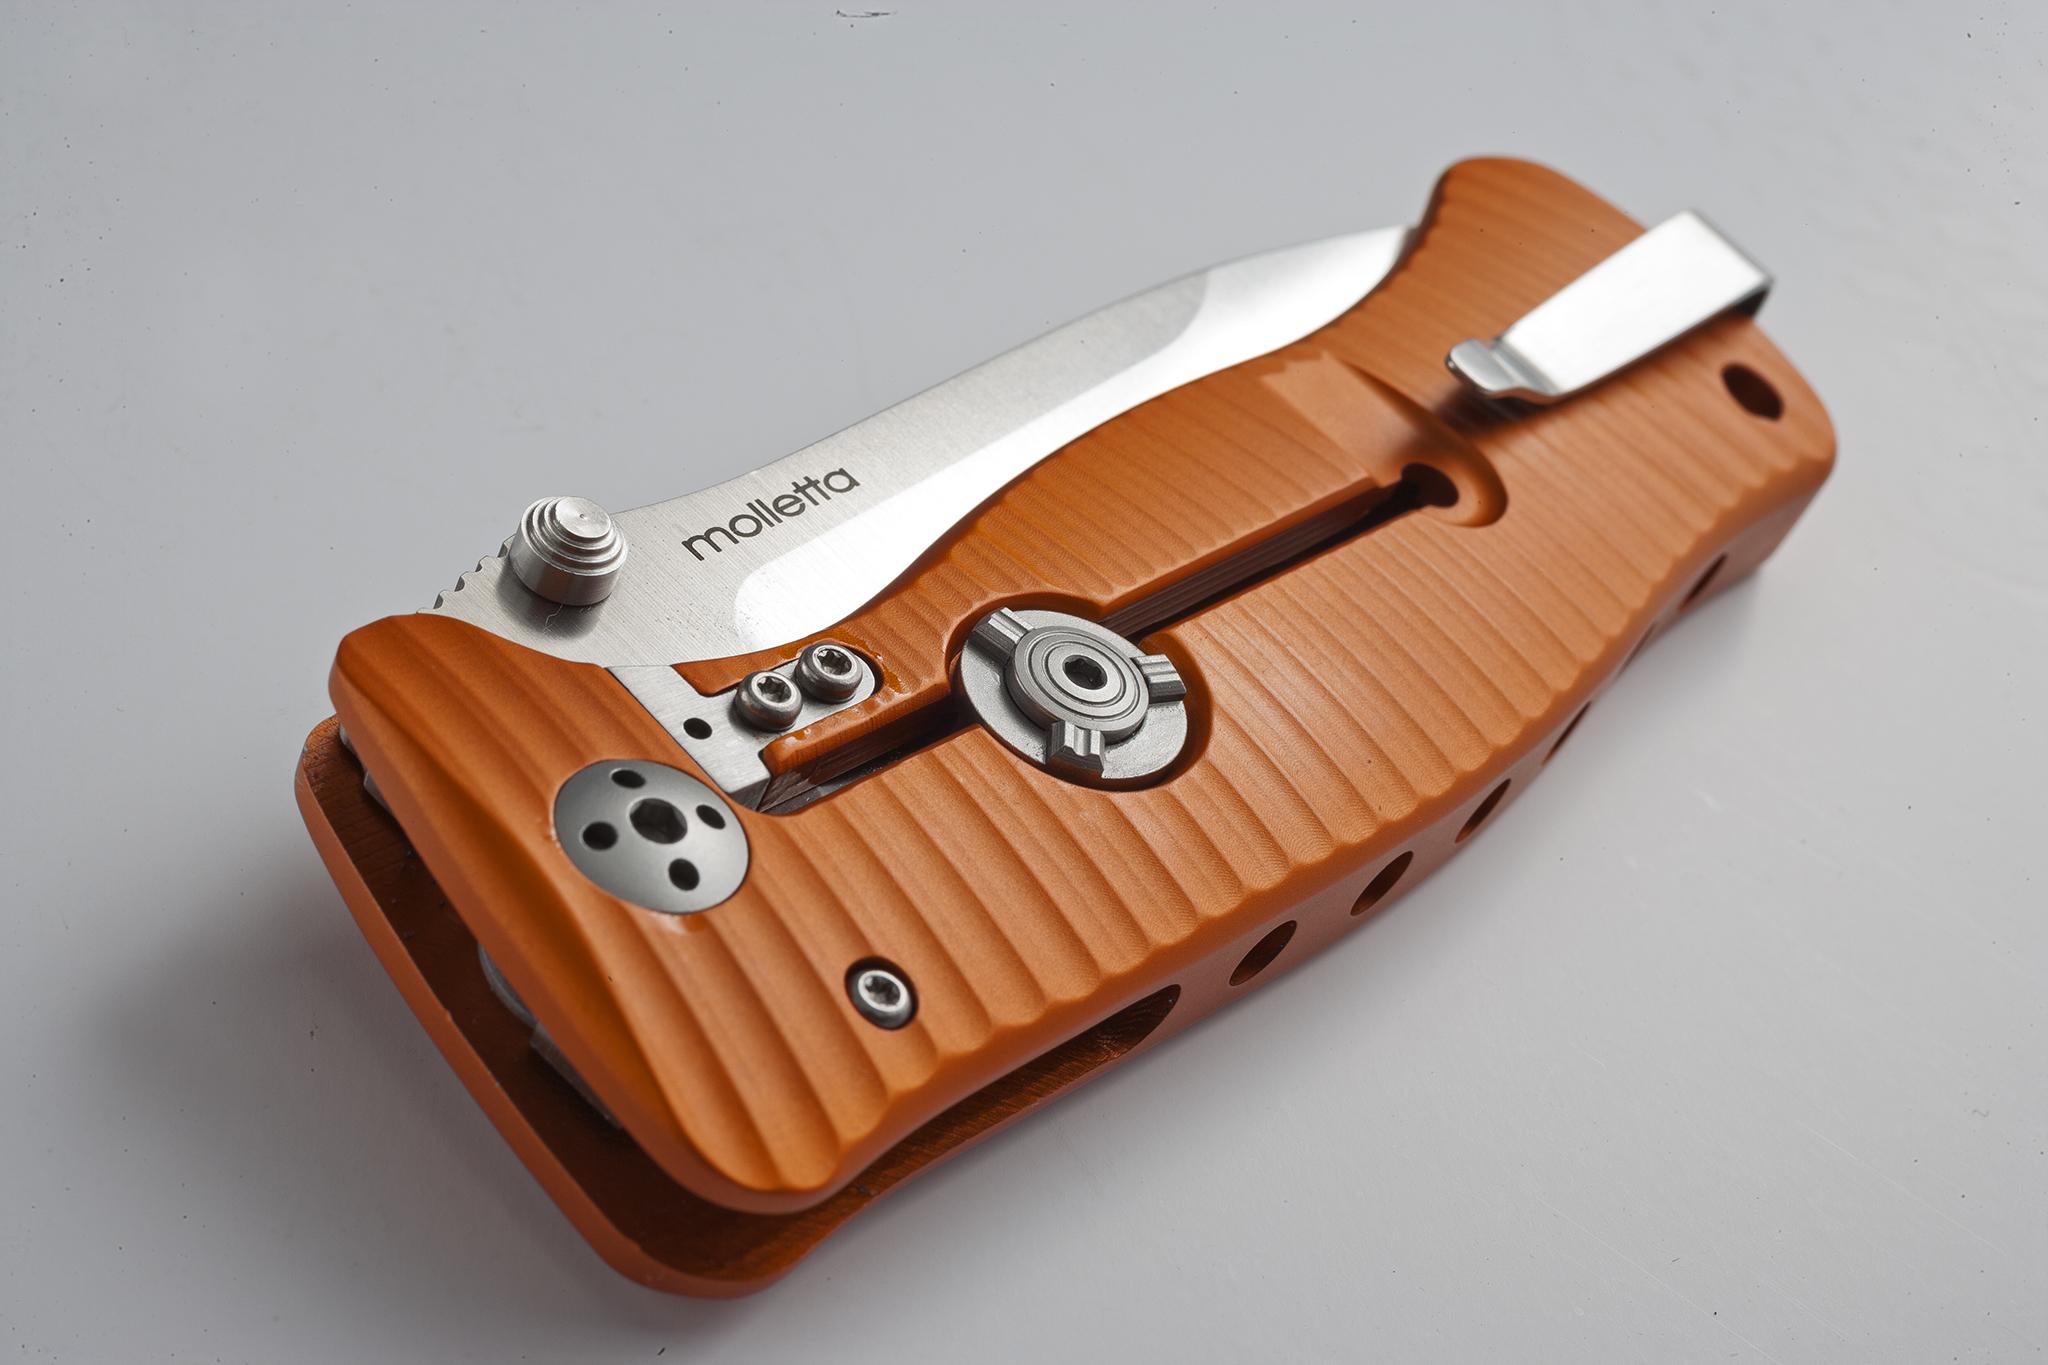 Фото 3 - Нож складной LionSteel SR1A OS ORANGE, сталь D2 Satin Finish, рукоять алюминий (Solid®), оранжевый от Lion Steel